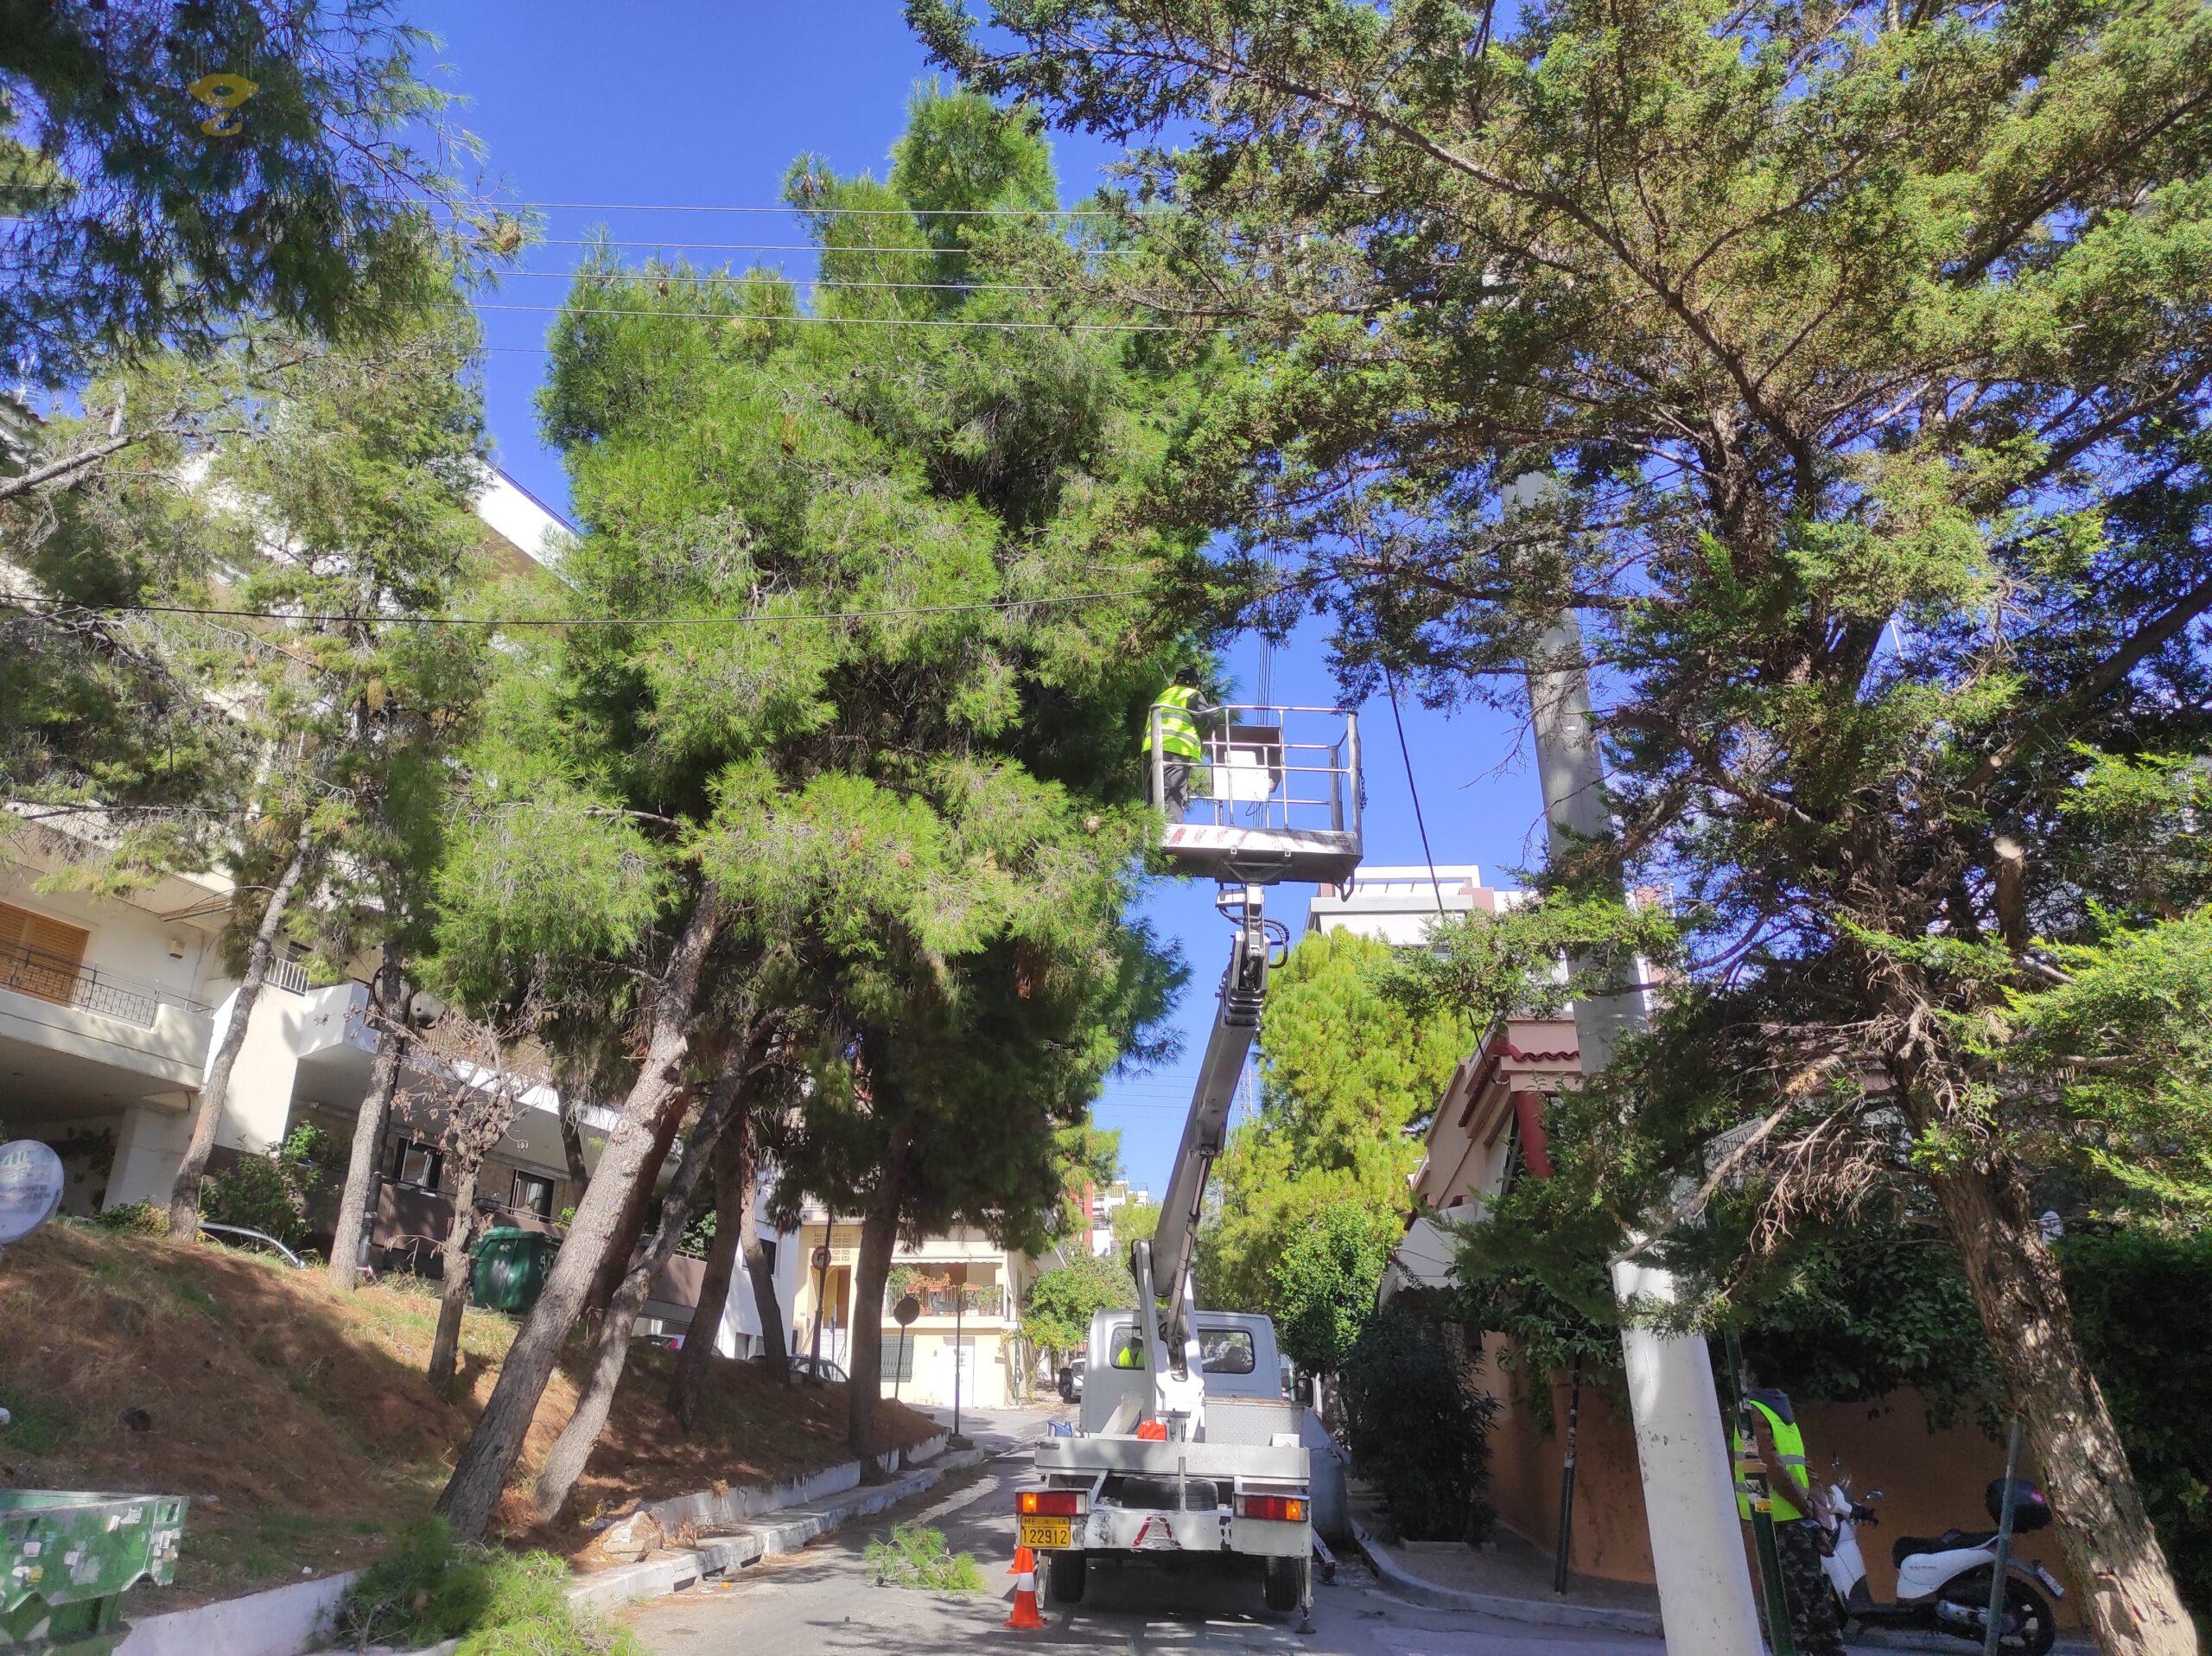 κοπή κλάδεμα υψηλών δέντρων με καλαθοφόρο γερανό